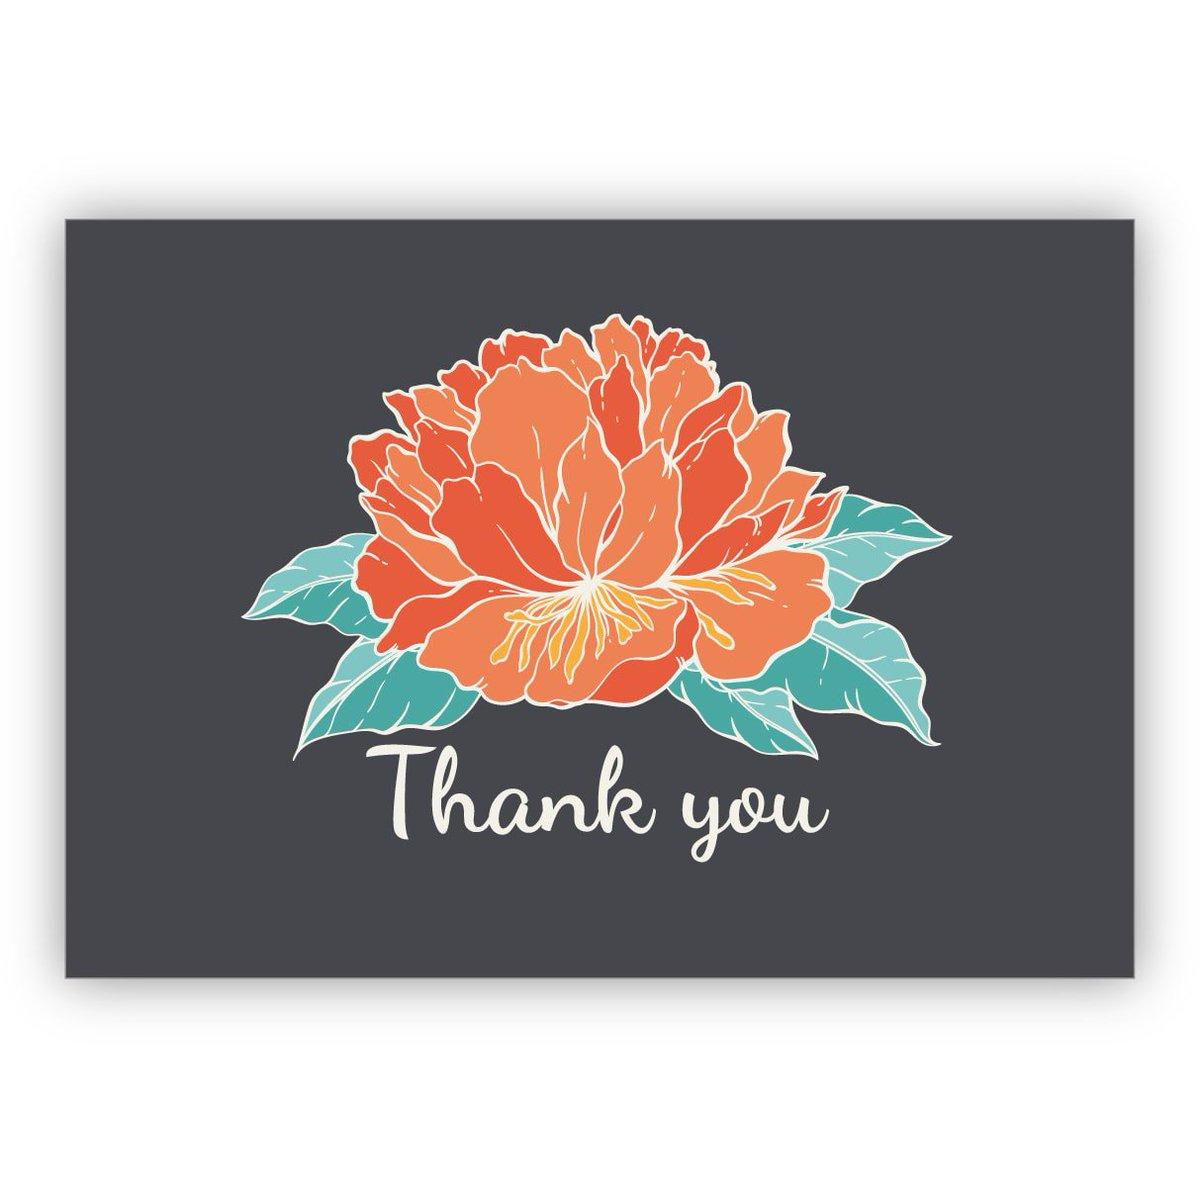 Kartenkaufrauschde в Twitter Elegante Englische Blumen